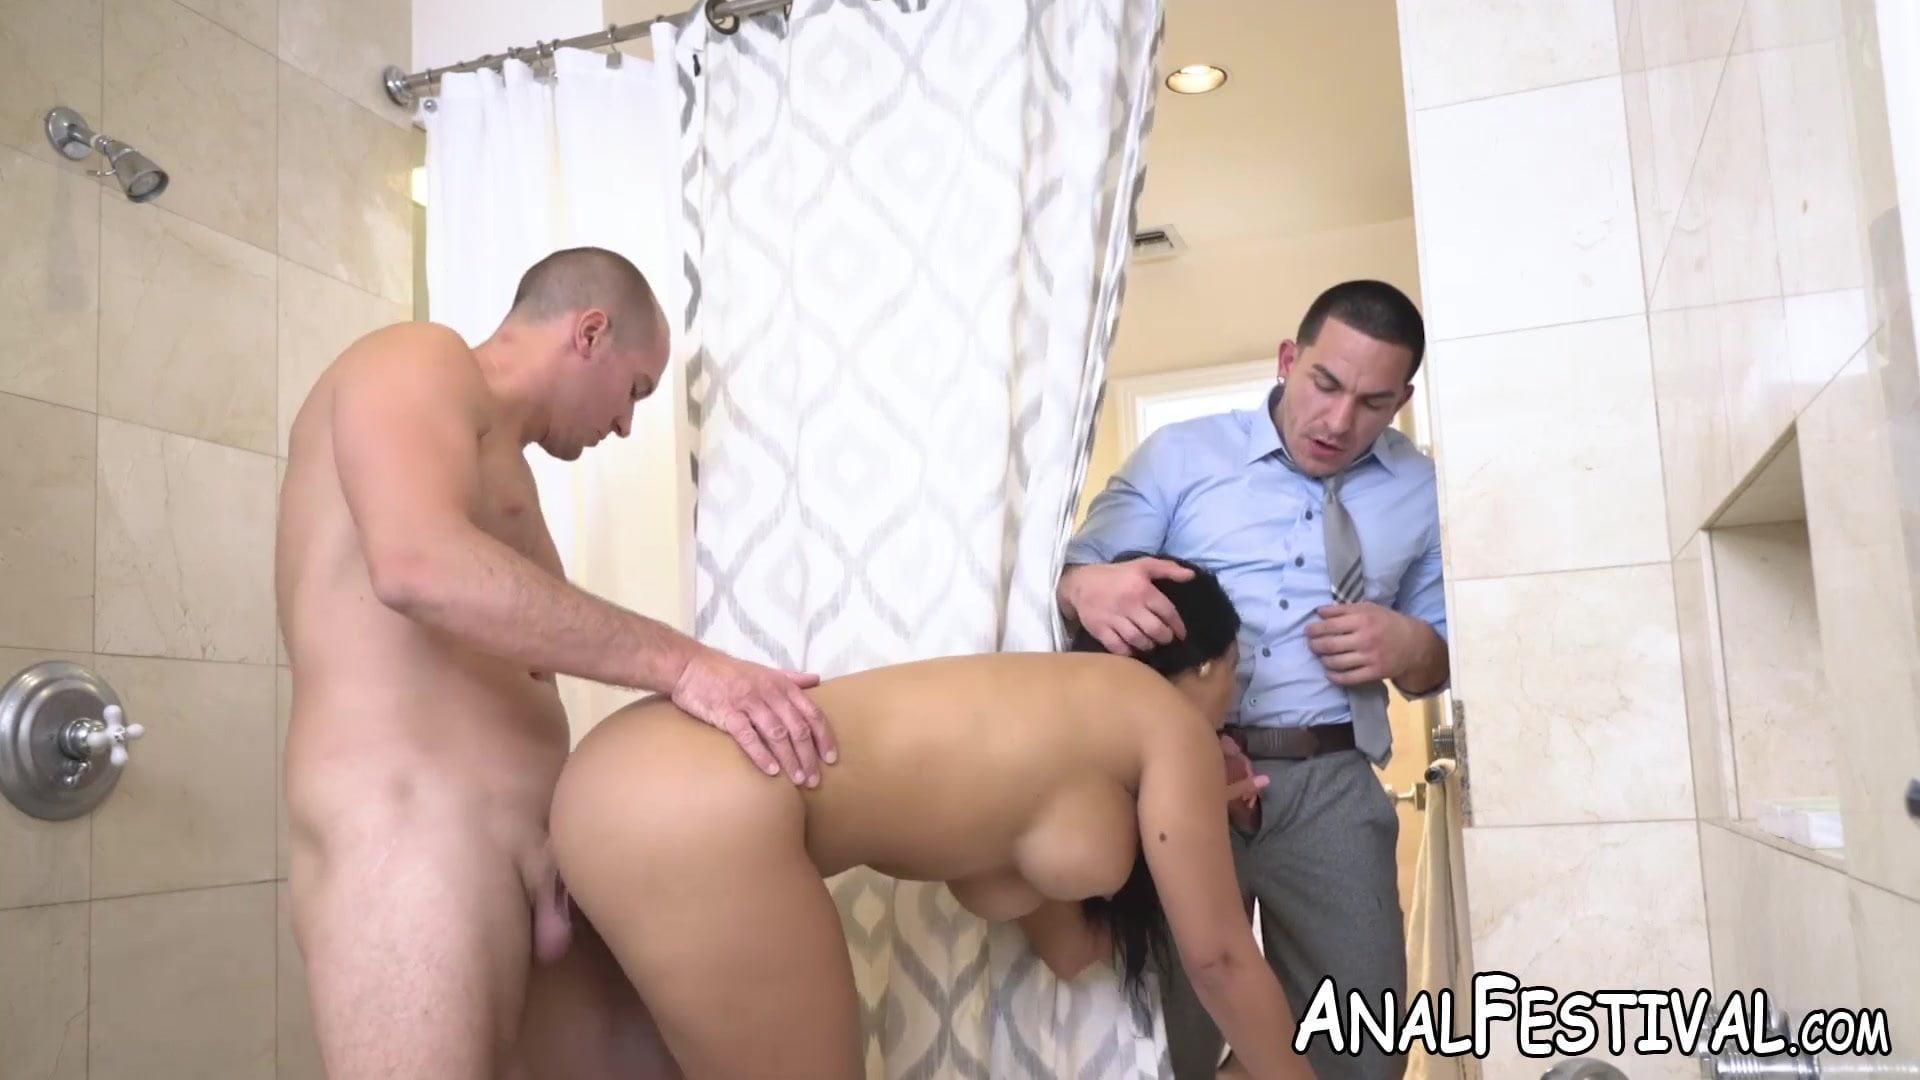 Порно видео изменяет мужу сосет в туалете